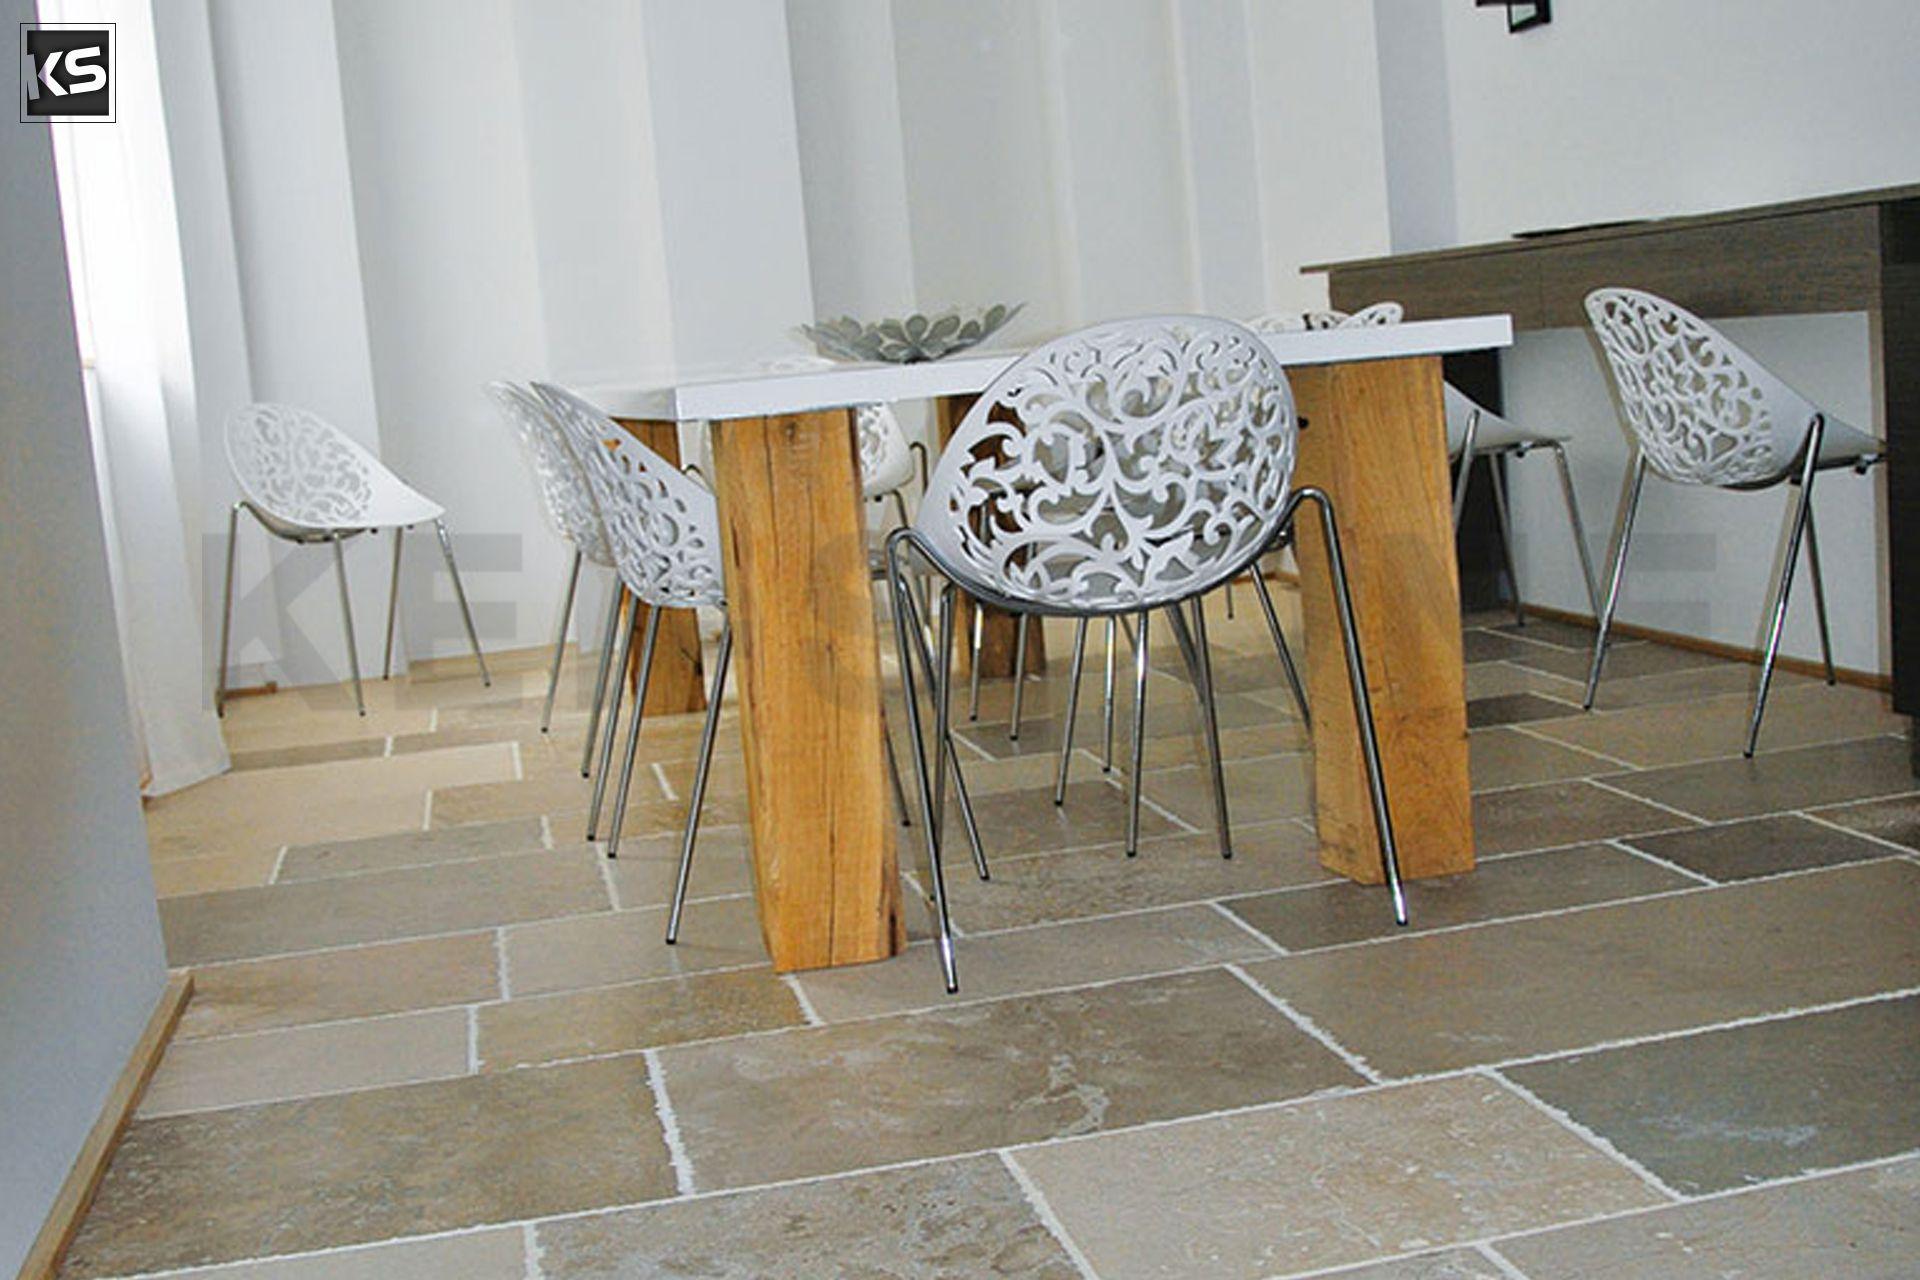 Dallage De Pierre Rochefort Decoration Maison Dallage Table Salle A Manger